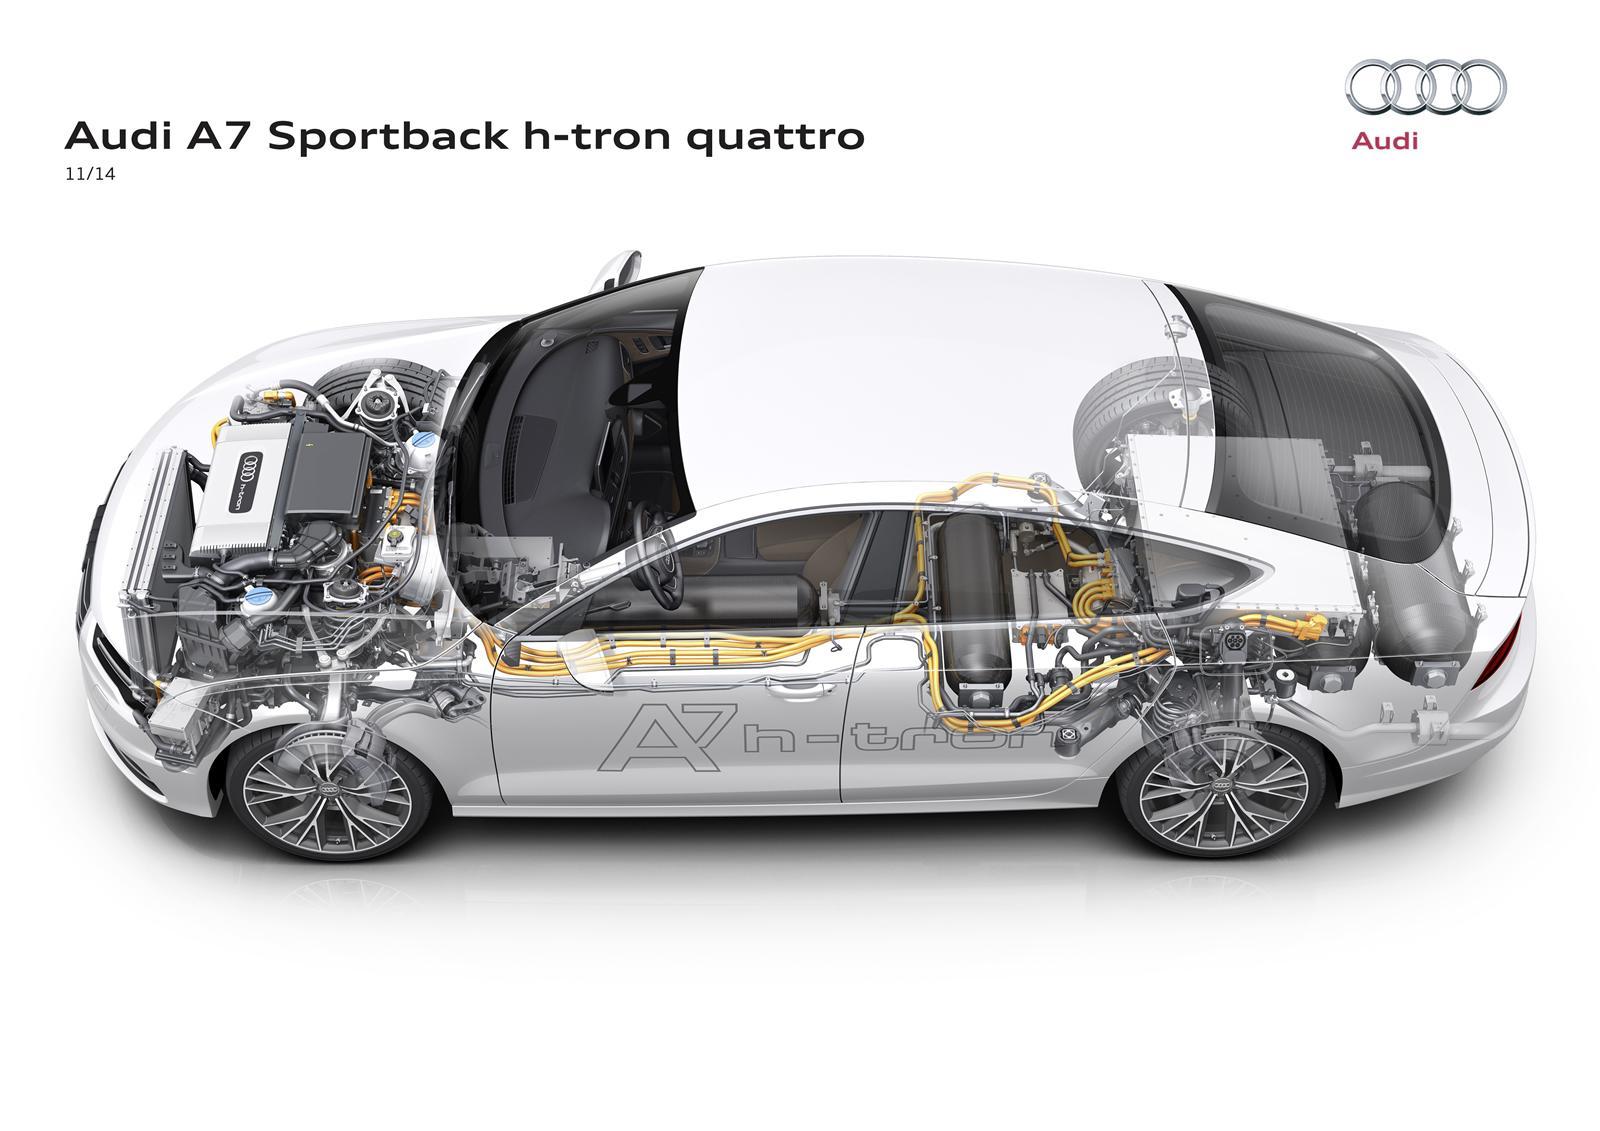 Audi Unveils h-tron quattro Concept in LA, a Revolutionary ...